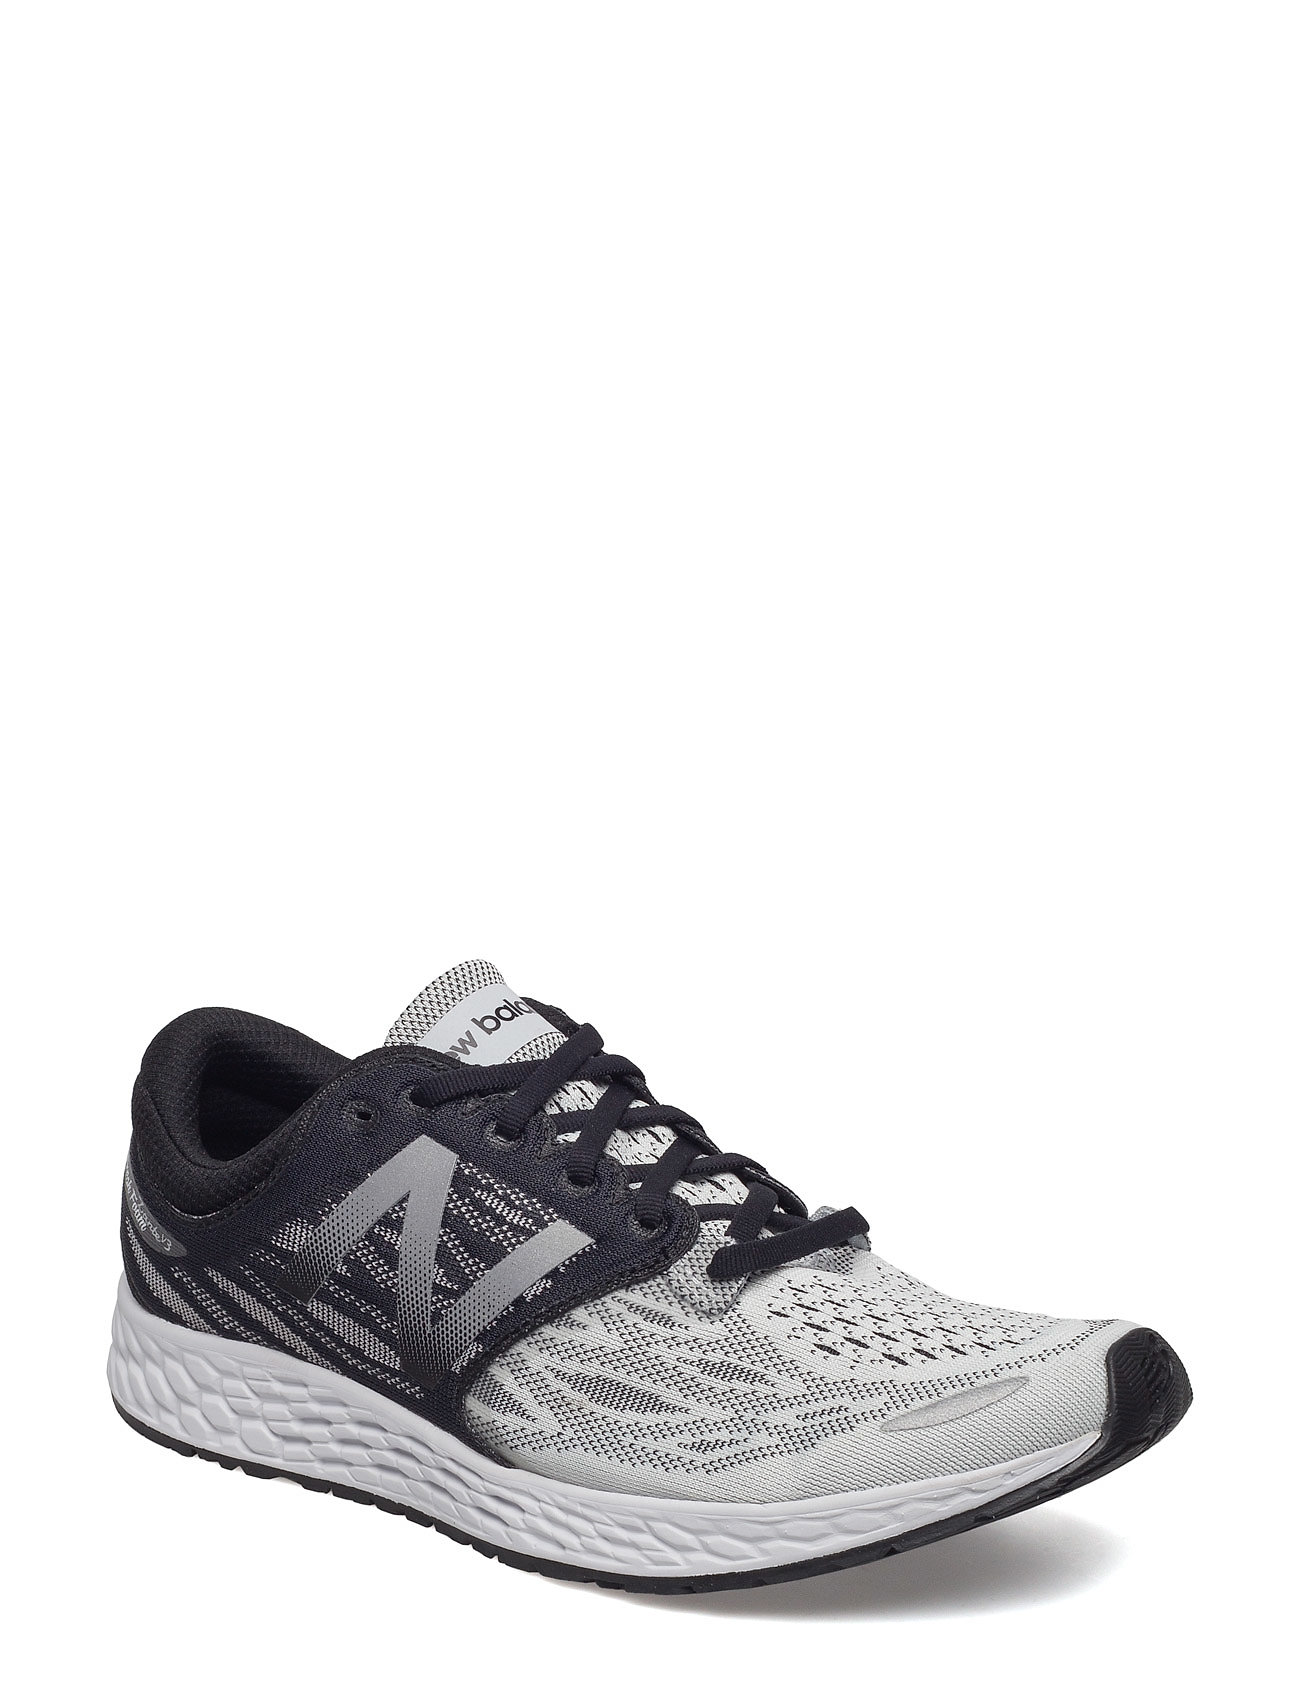 Mzantwg3 New Balance Sports sko til Herrer i